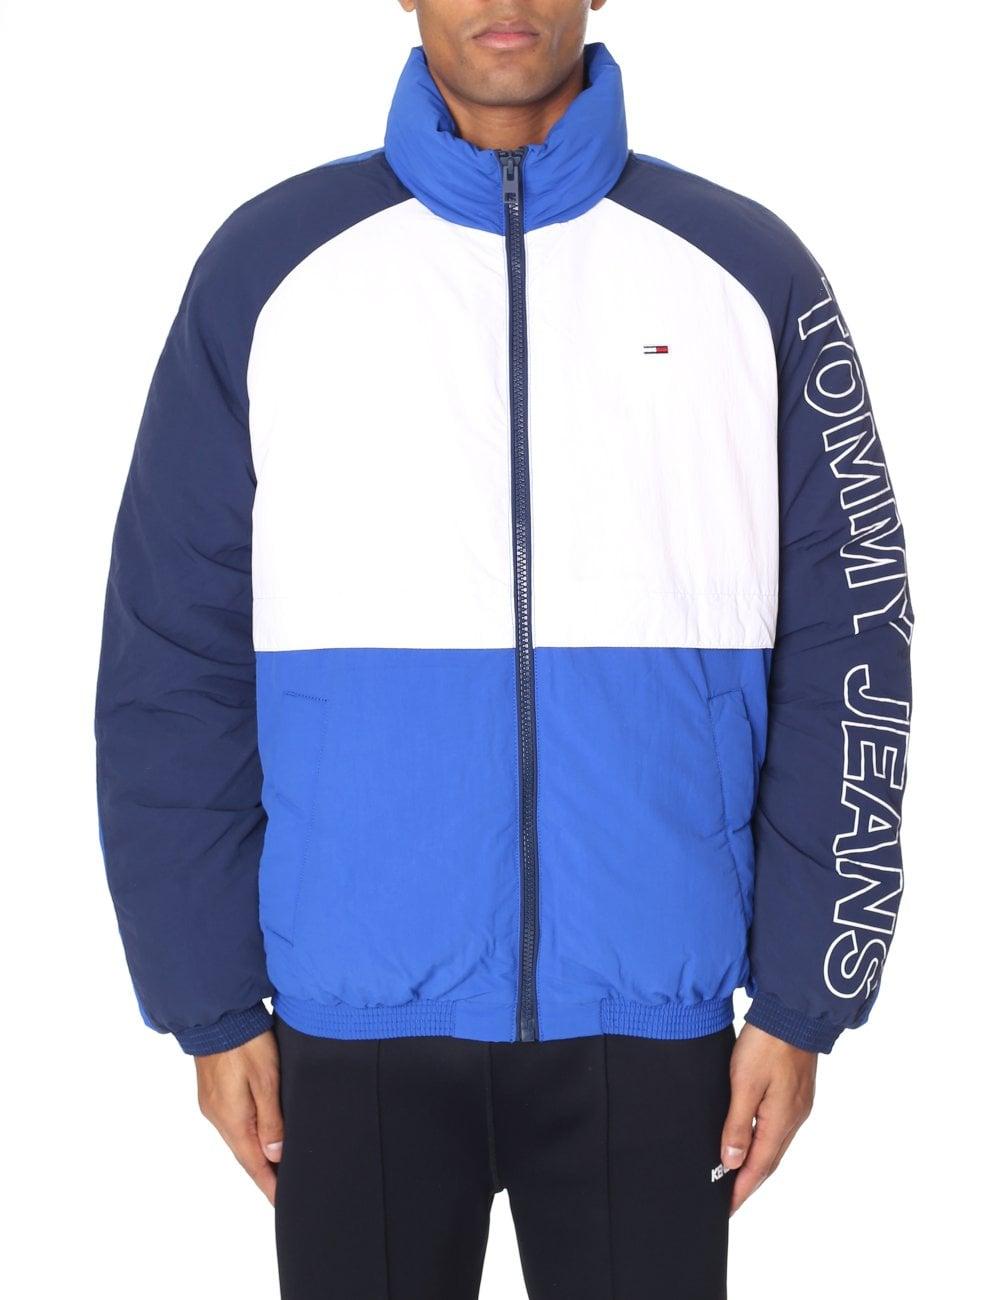 e79d49399 Tommy Hilfiger Men's Tommy Classics Retro Jacket